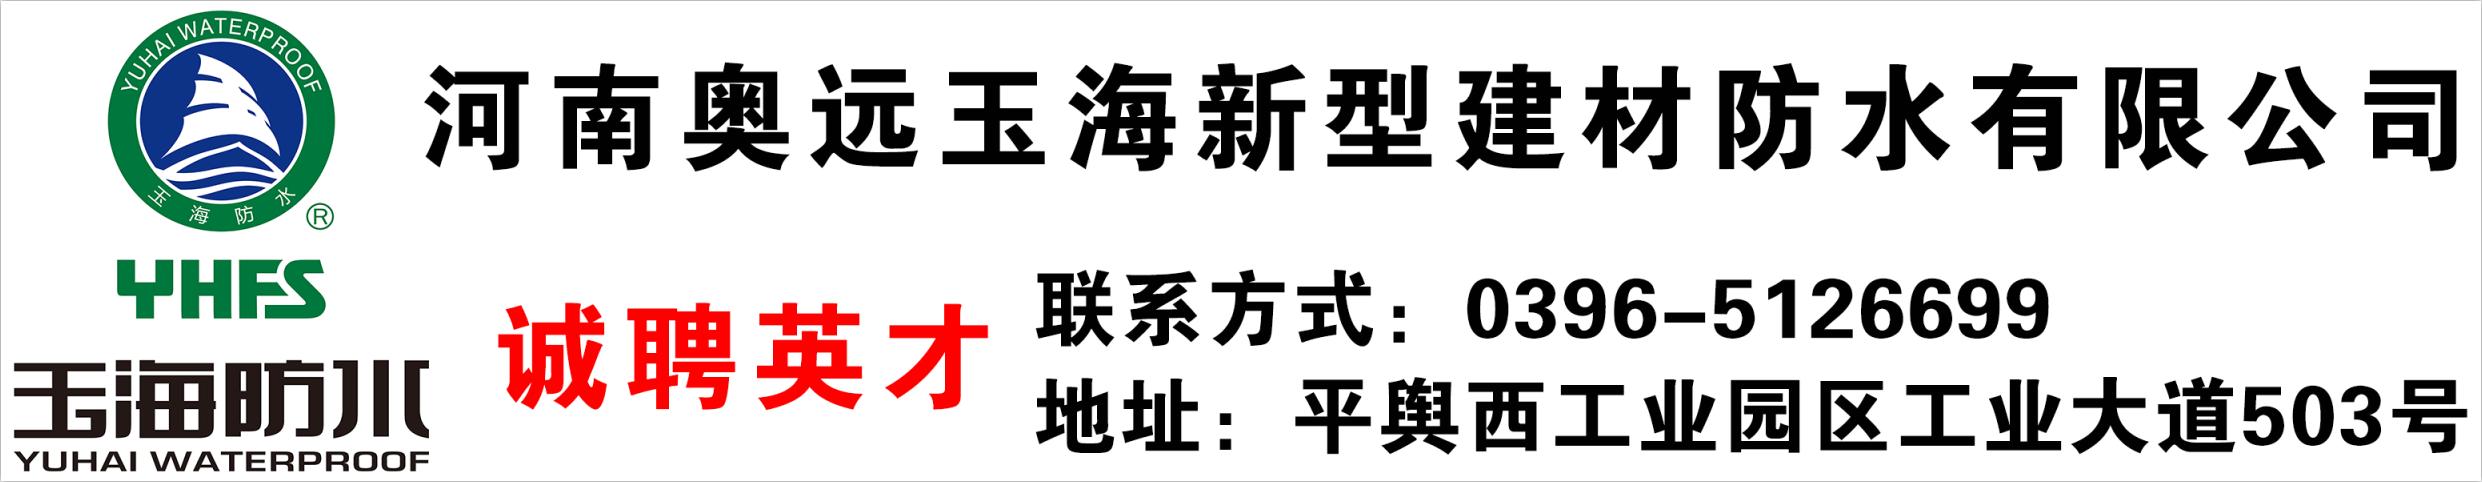 河南�W�h玉海新型建材防水有限公司